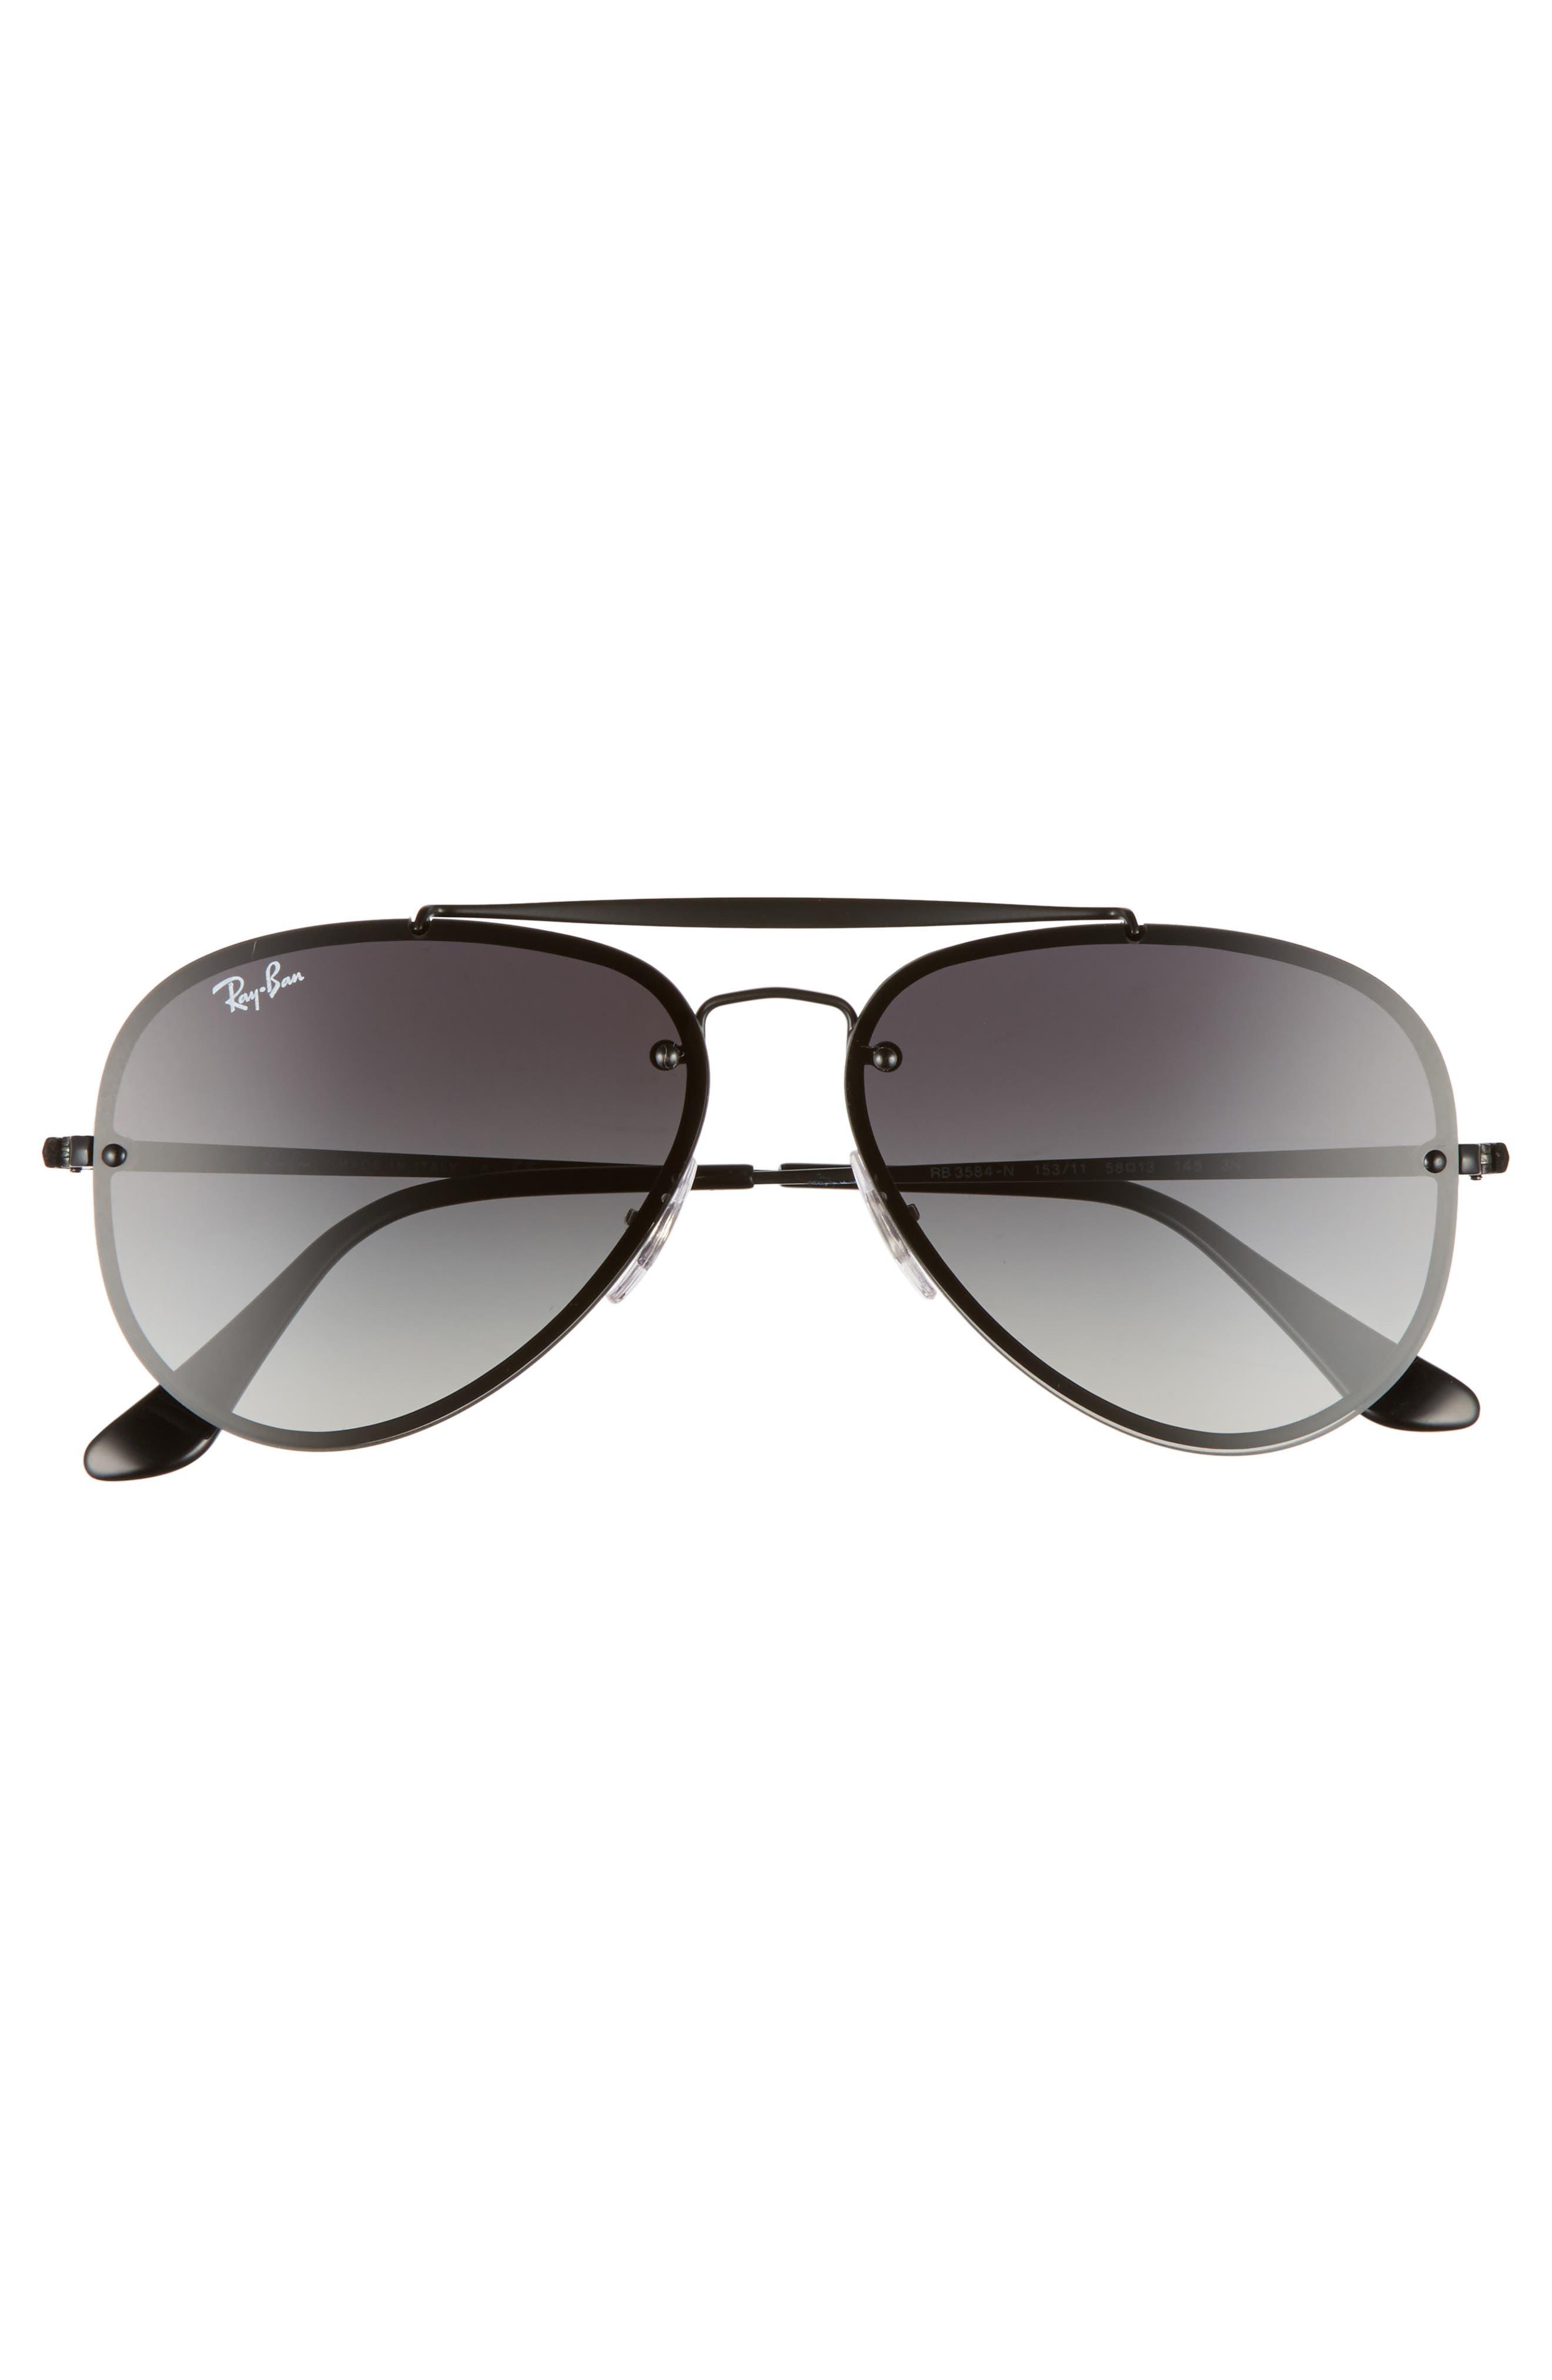 58mm Aviator Sunglasses,                             Alternate thumbnail 3, color,                             Shiny Black